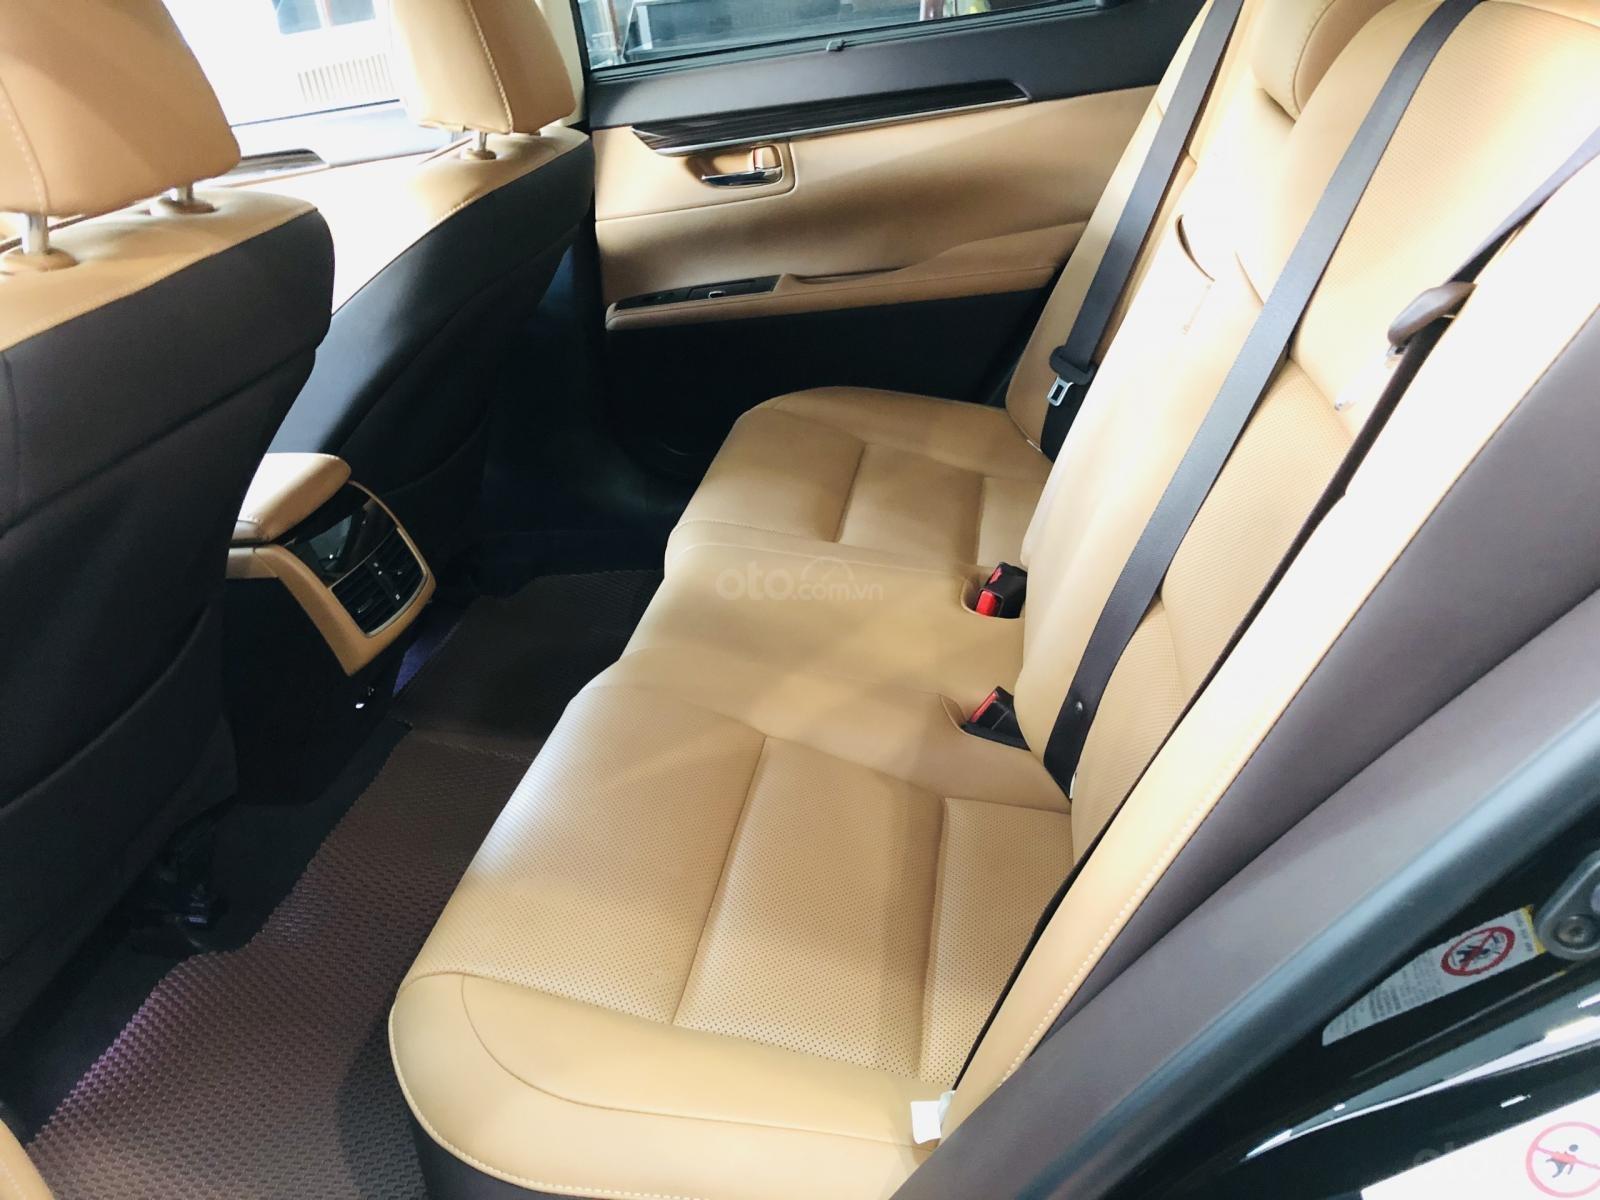 Bán Lexus ES 250 sản xuất 2016, đăng ký 2017, xe đi lướt 24.000km, bao kiểm tra hãng, tiết kiệm so với xe mới 700 triệu-6